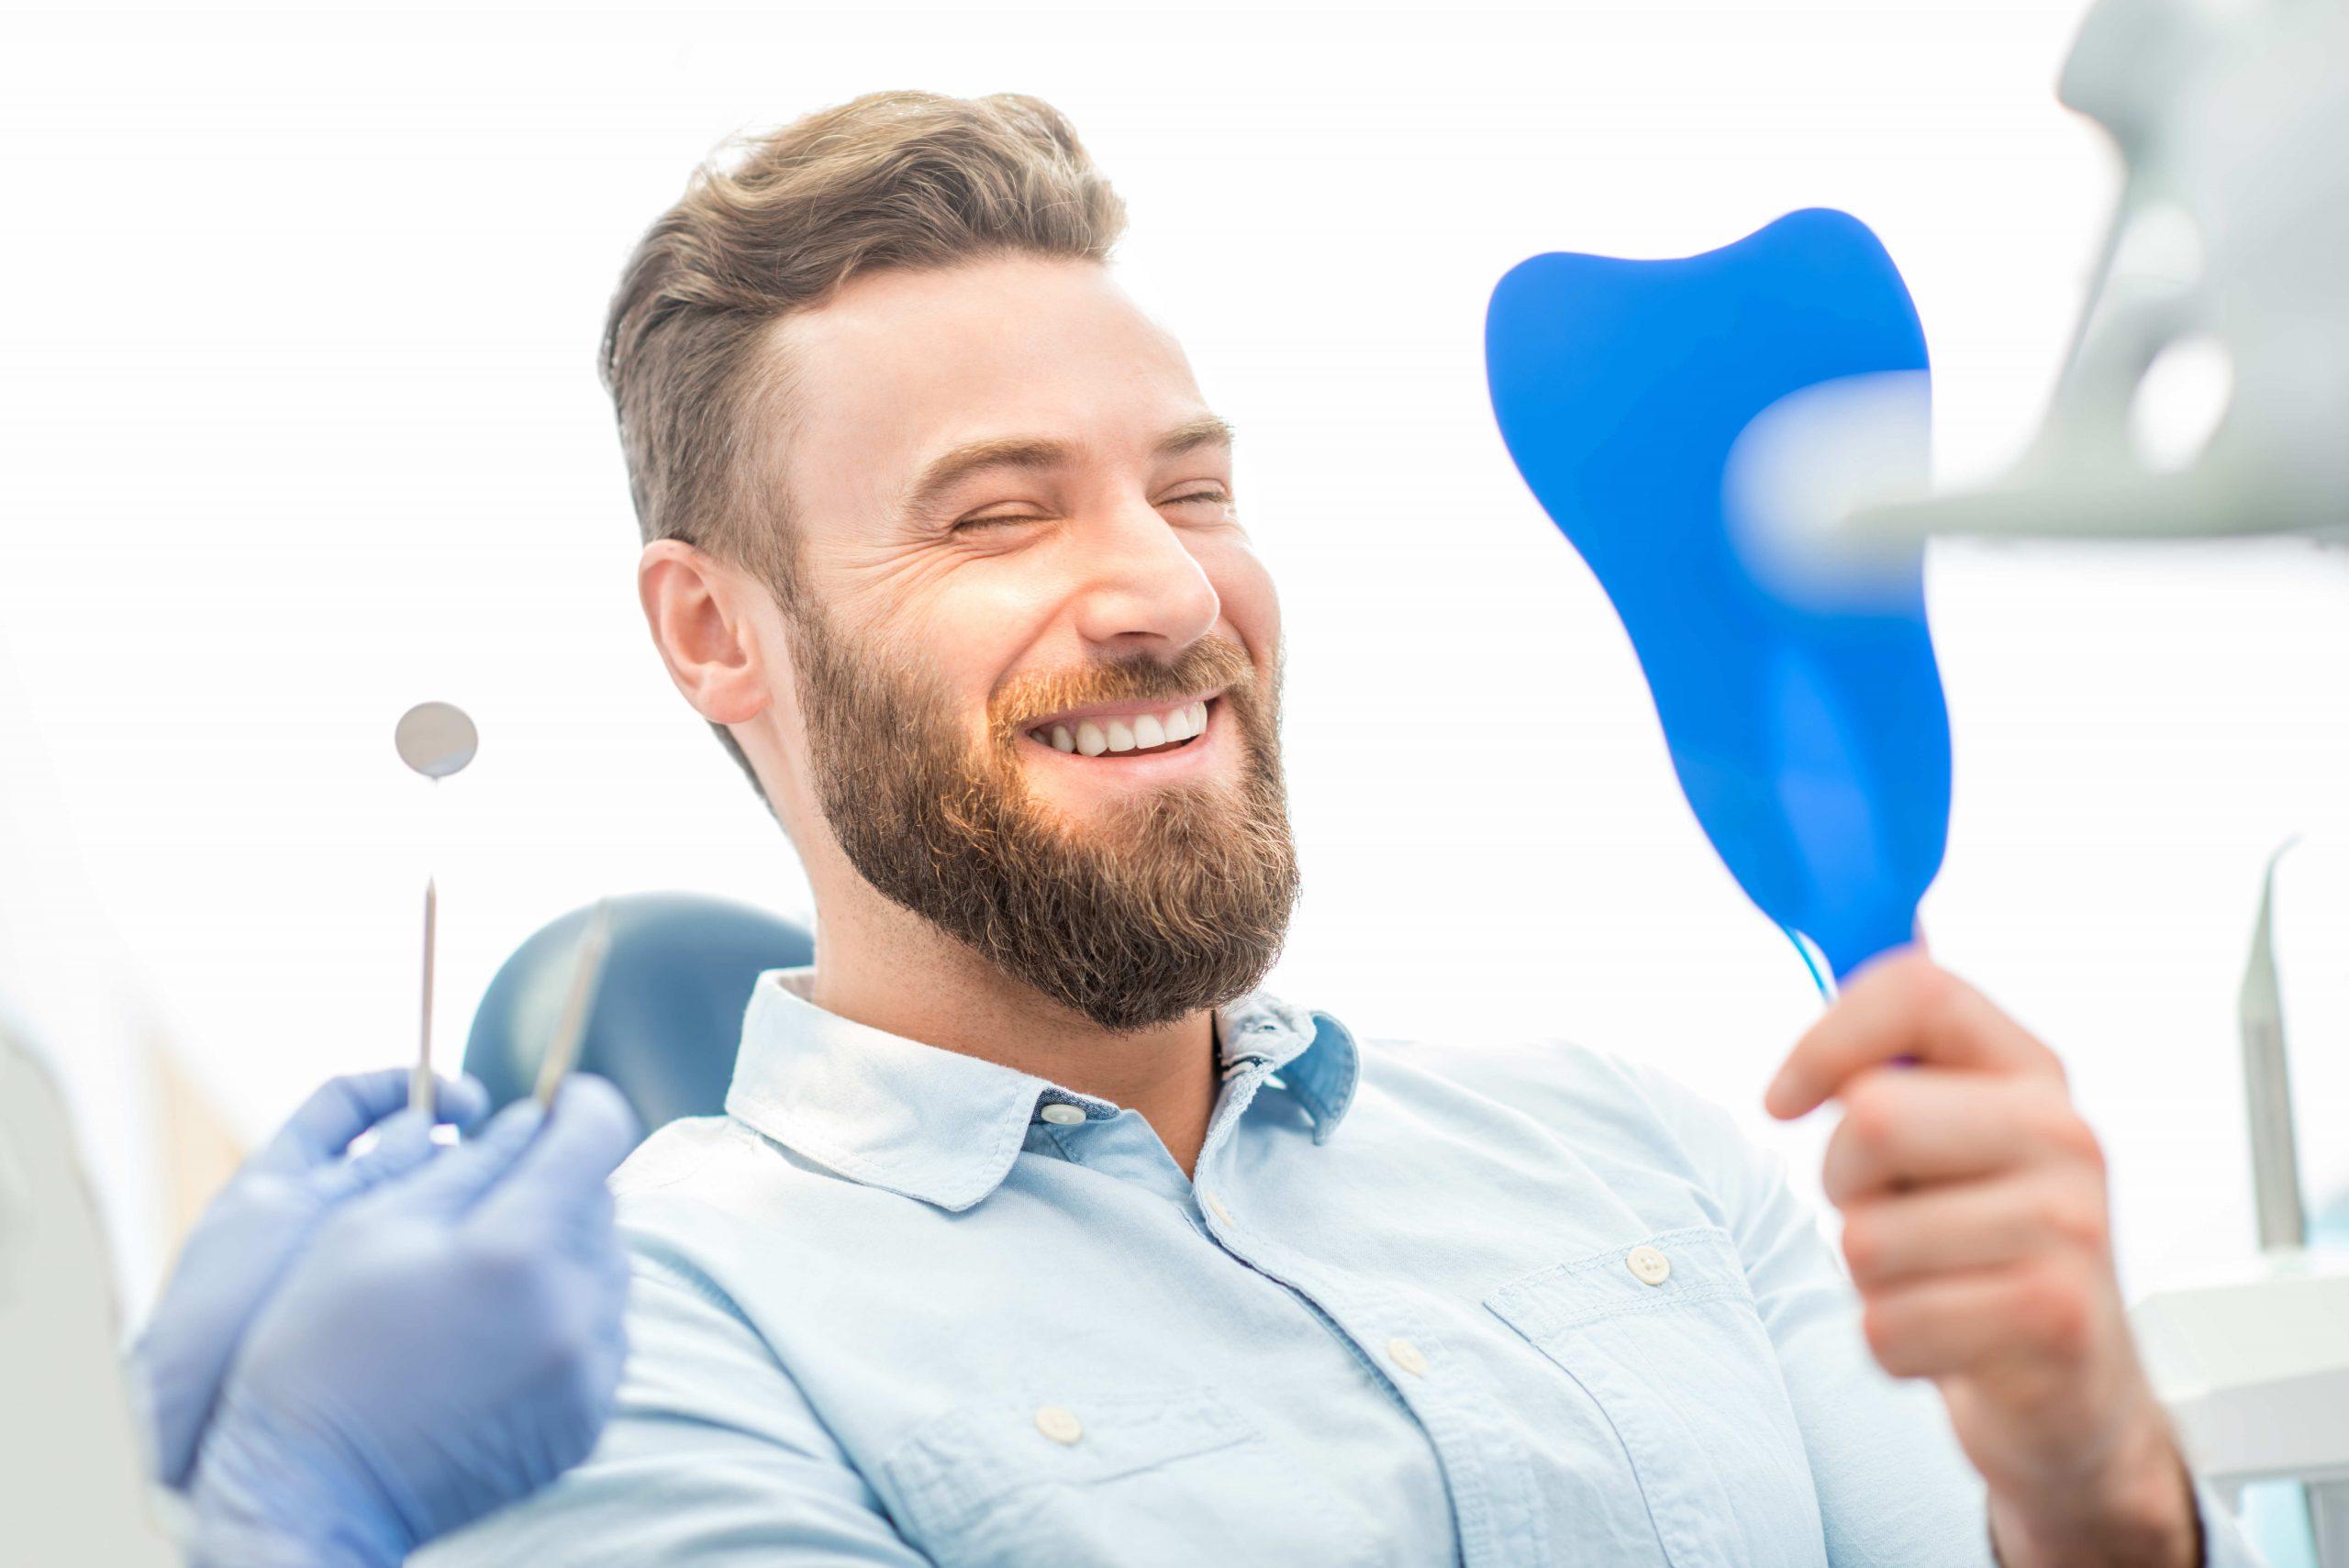 ¿Te tienes que poner un implante dental?: Todo lo que debes saber antes de la primera consulta